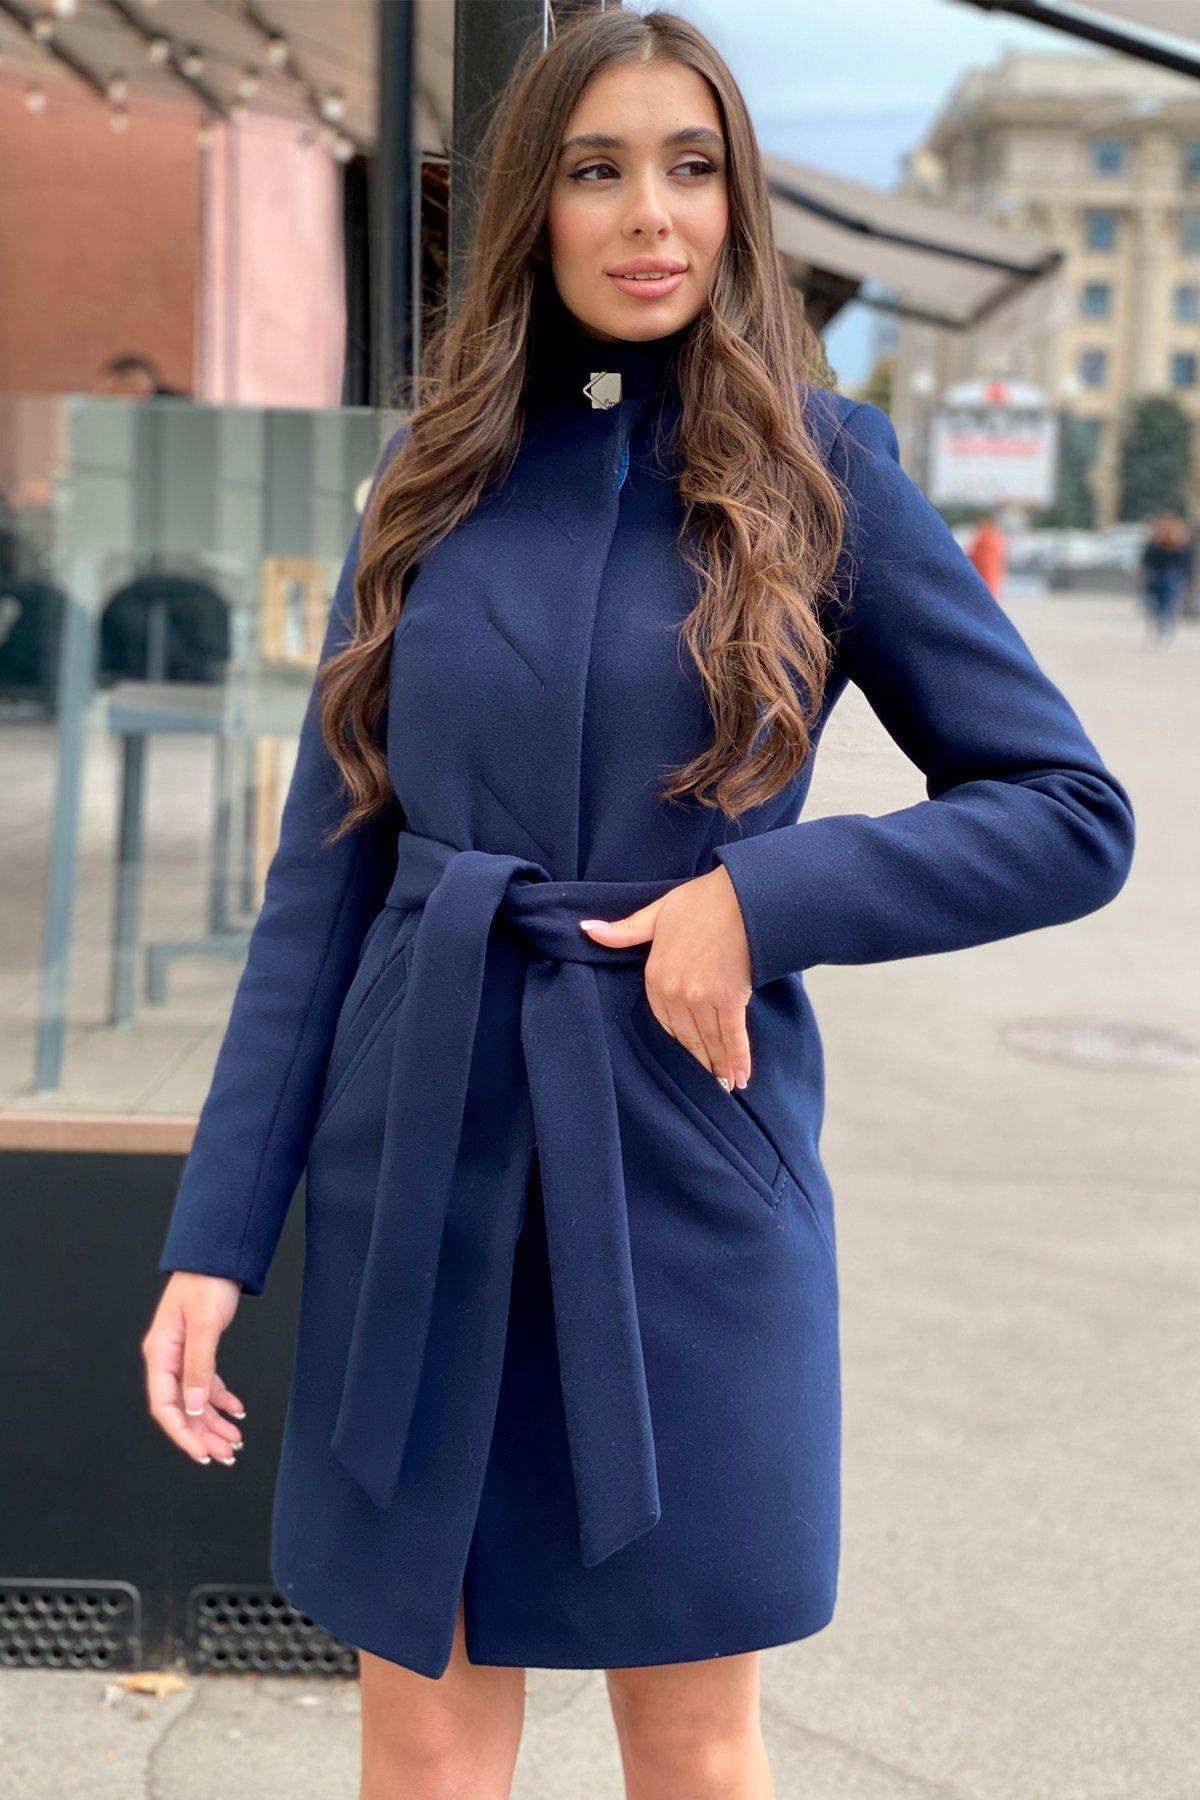 Пальто зима с хомутом Люцея 8211 АРТ. 44224 Цвет: Т.синий Н-14 - фото 3, интернет магазин tm-modus.ru